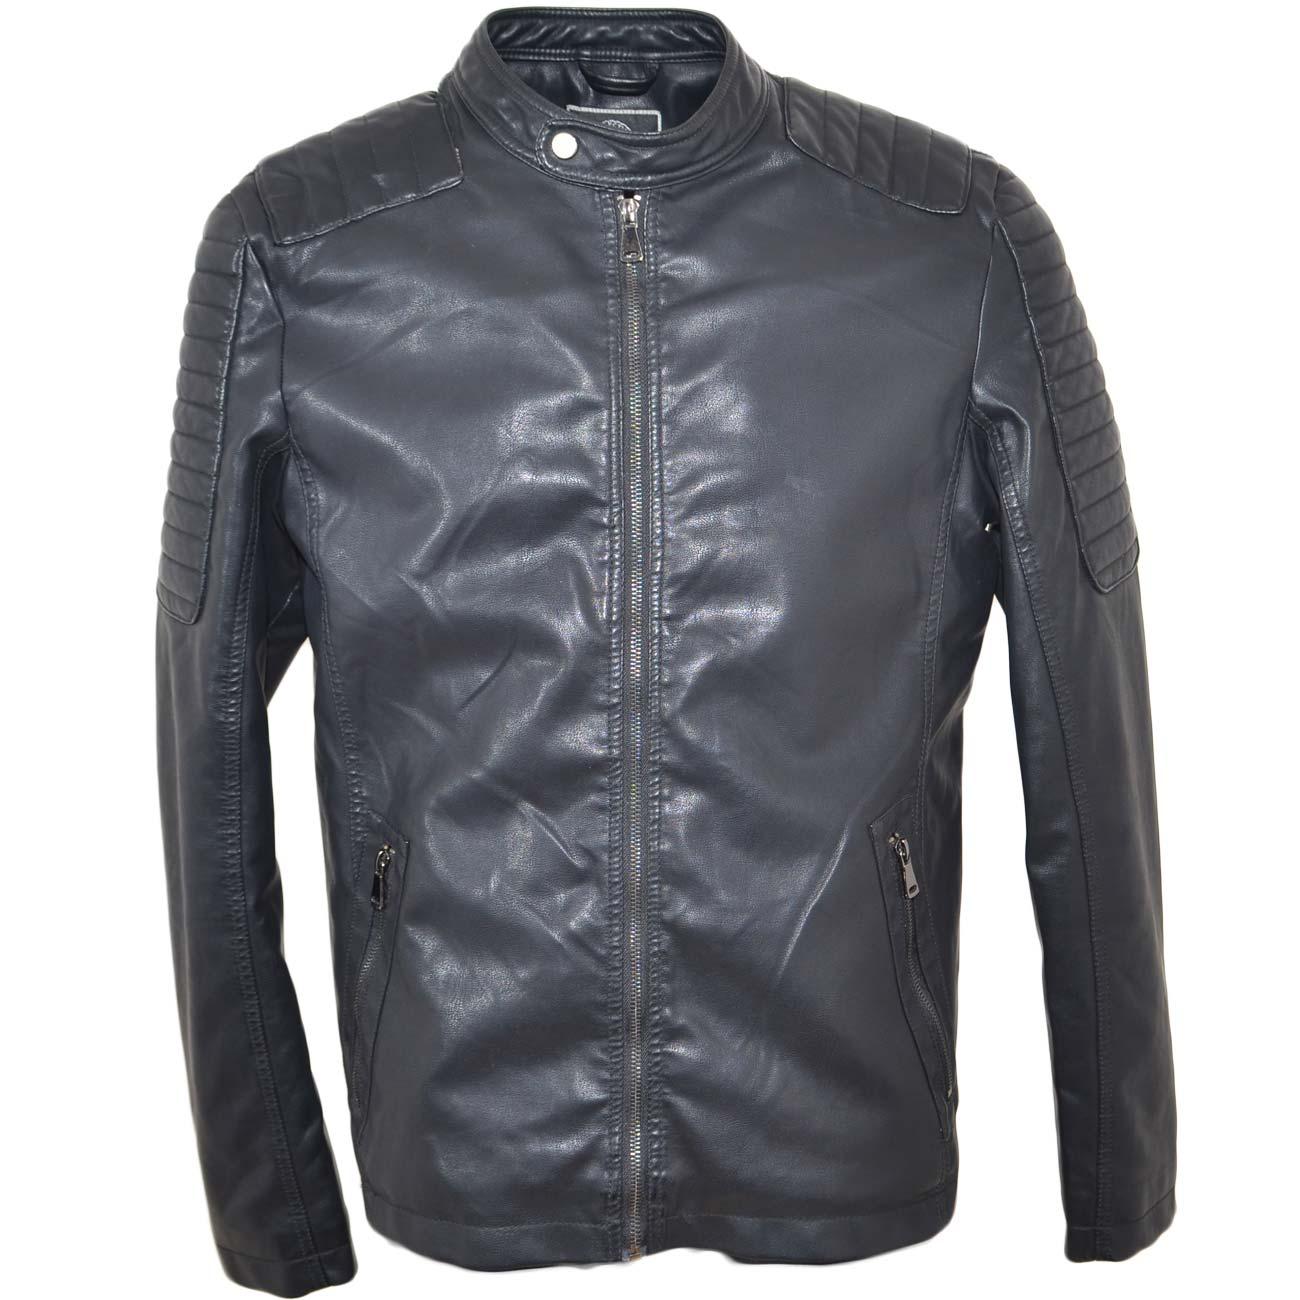 timeless design f4641 2dfa9 Giubbino giacca uomo in simil pelle con imbottitura e doppia zip frontale  spalle rinforzate interno in pelliccia caldo uomo giubbini in pelle Malu ...